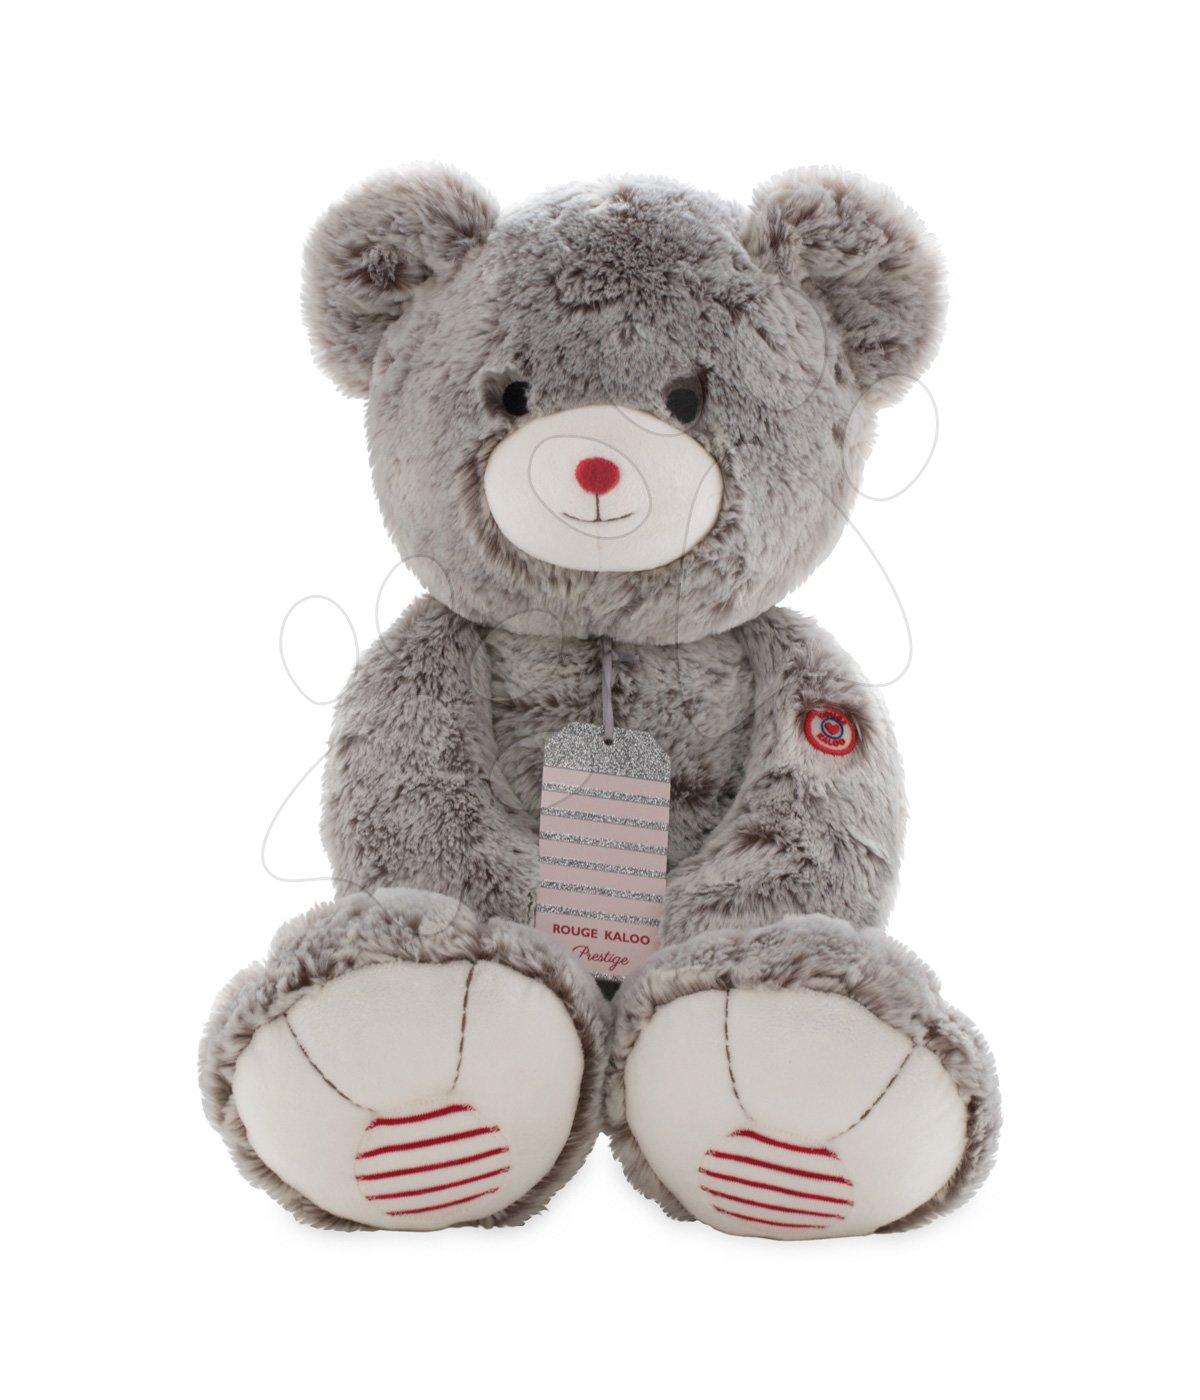 Plišasti medved Rouge Kaloo Prestige XL 55 cm iz nežnega pliša za najmlajše otroke kremno-siv